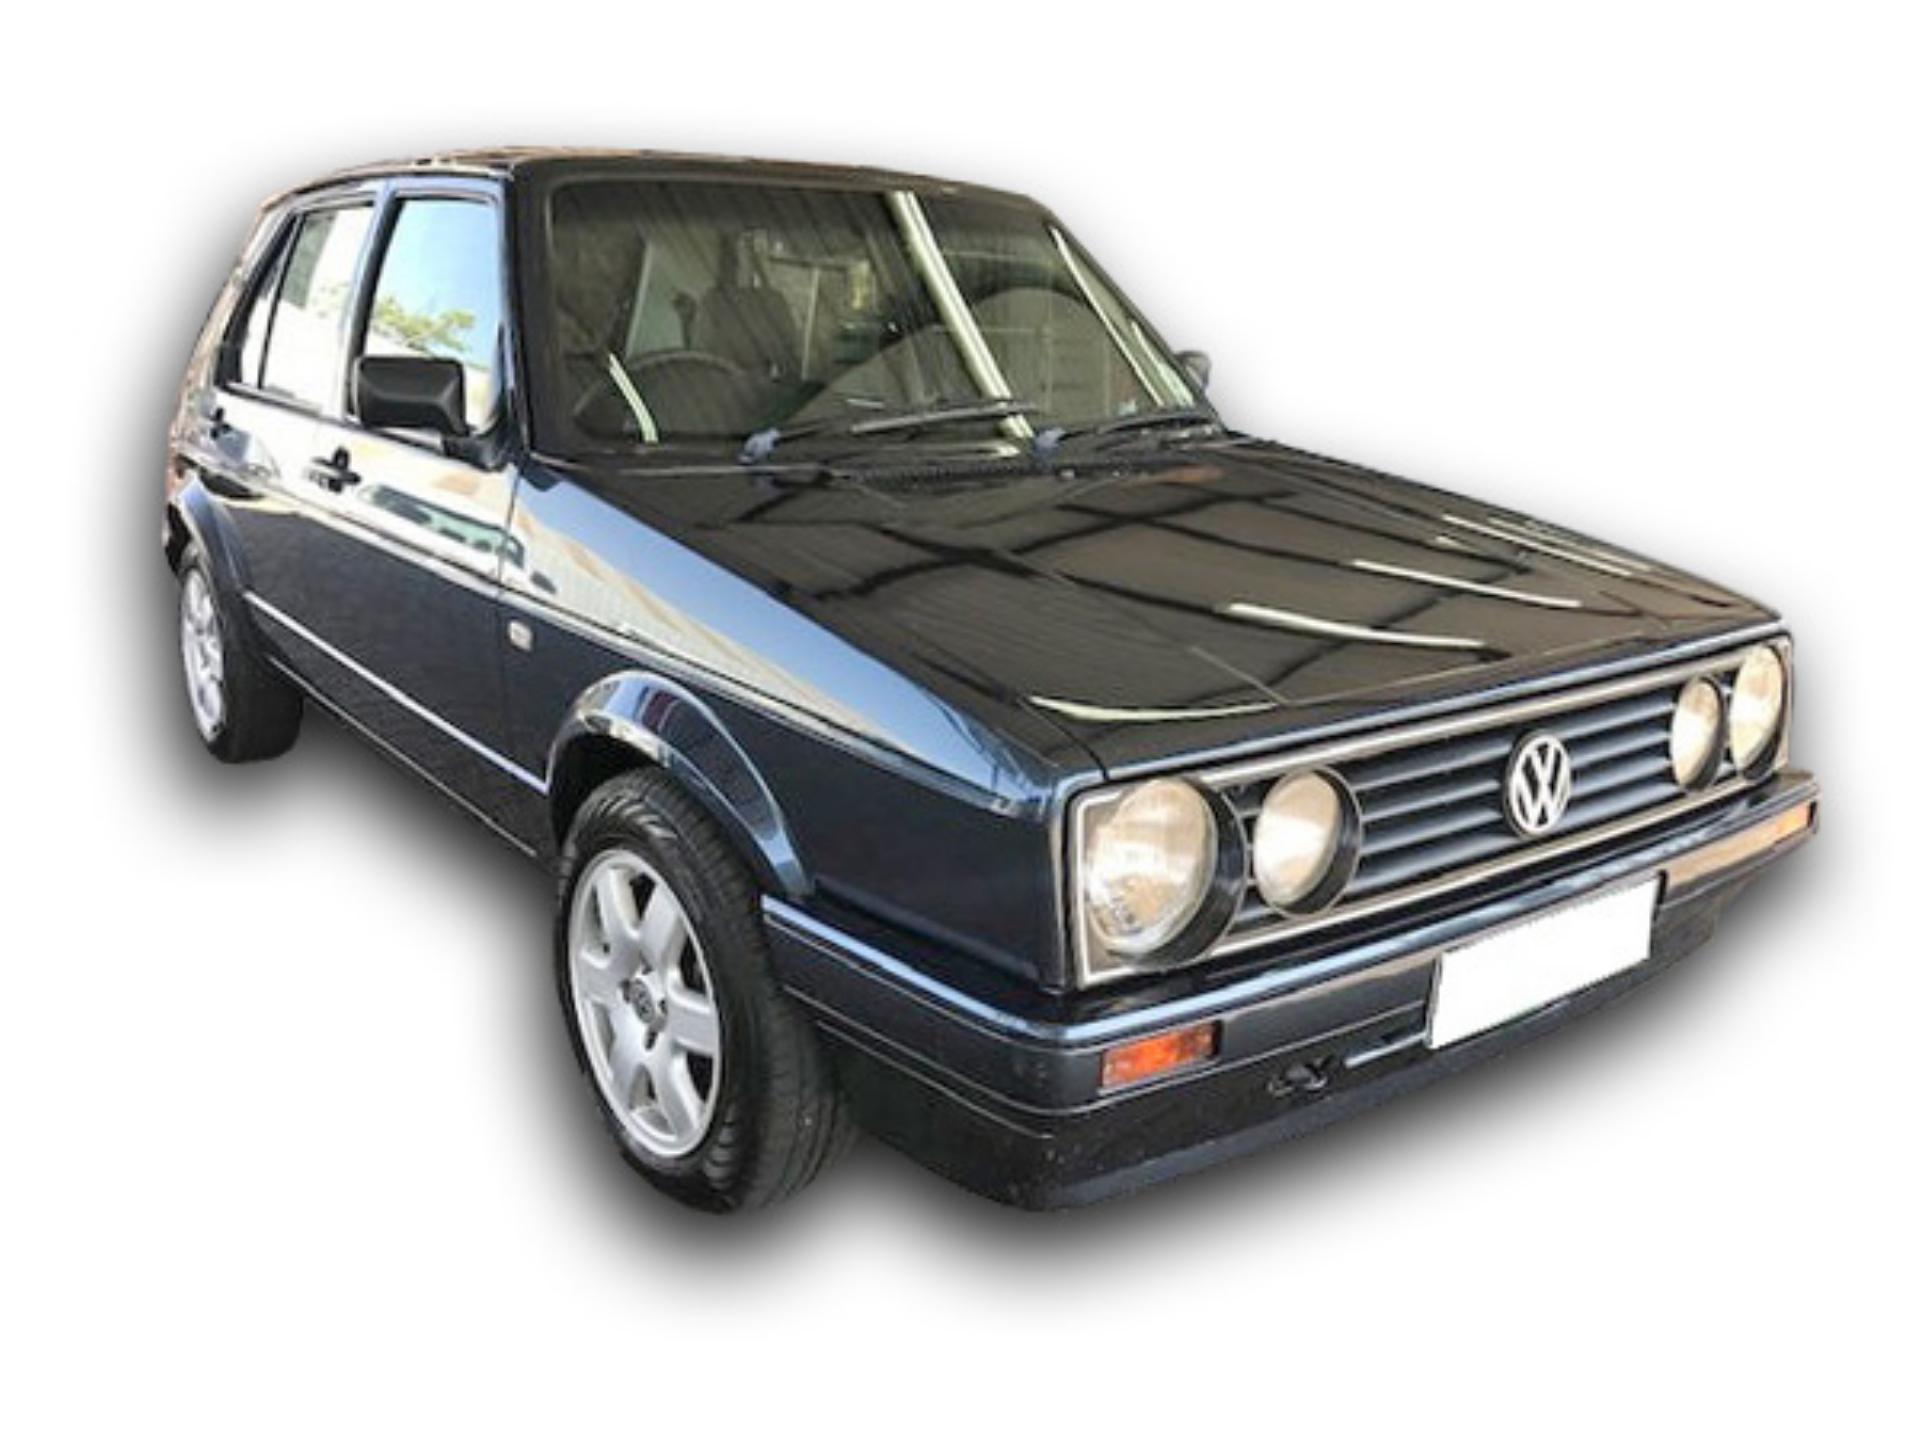 VW Citi Golf 1.4